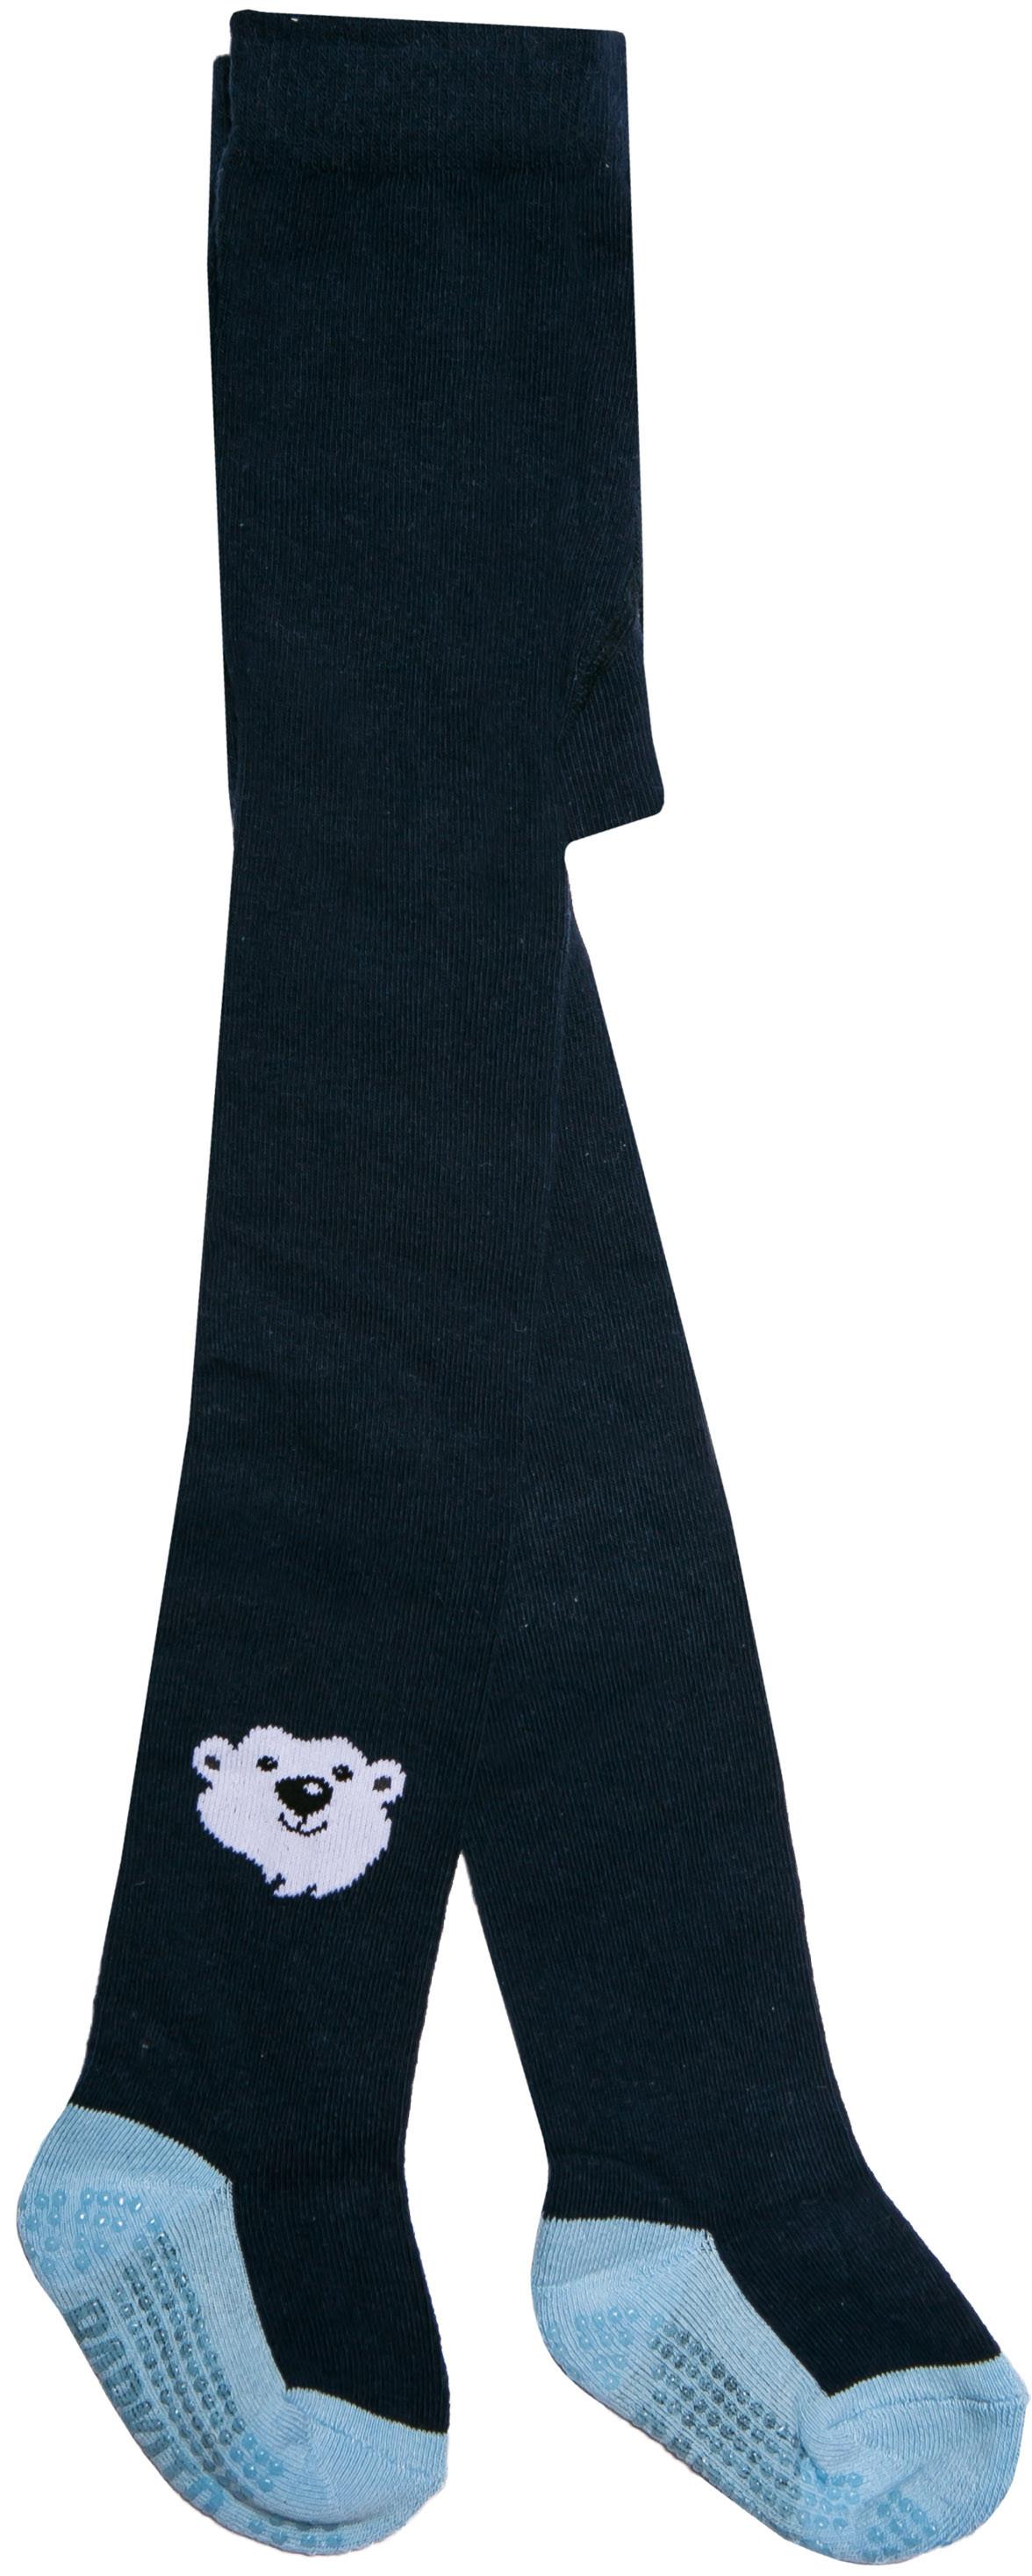 Купить Колготки антискользящие для мальчика Barkito, синие, Китай, blue, Мужской